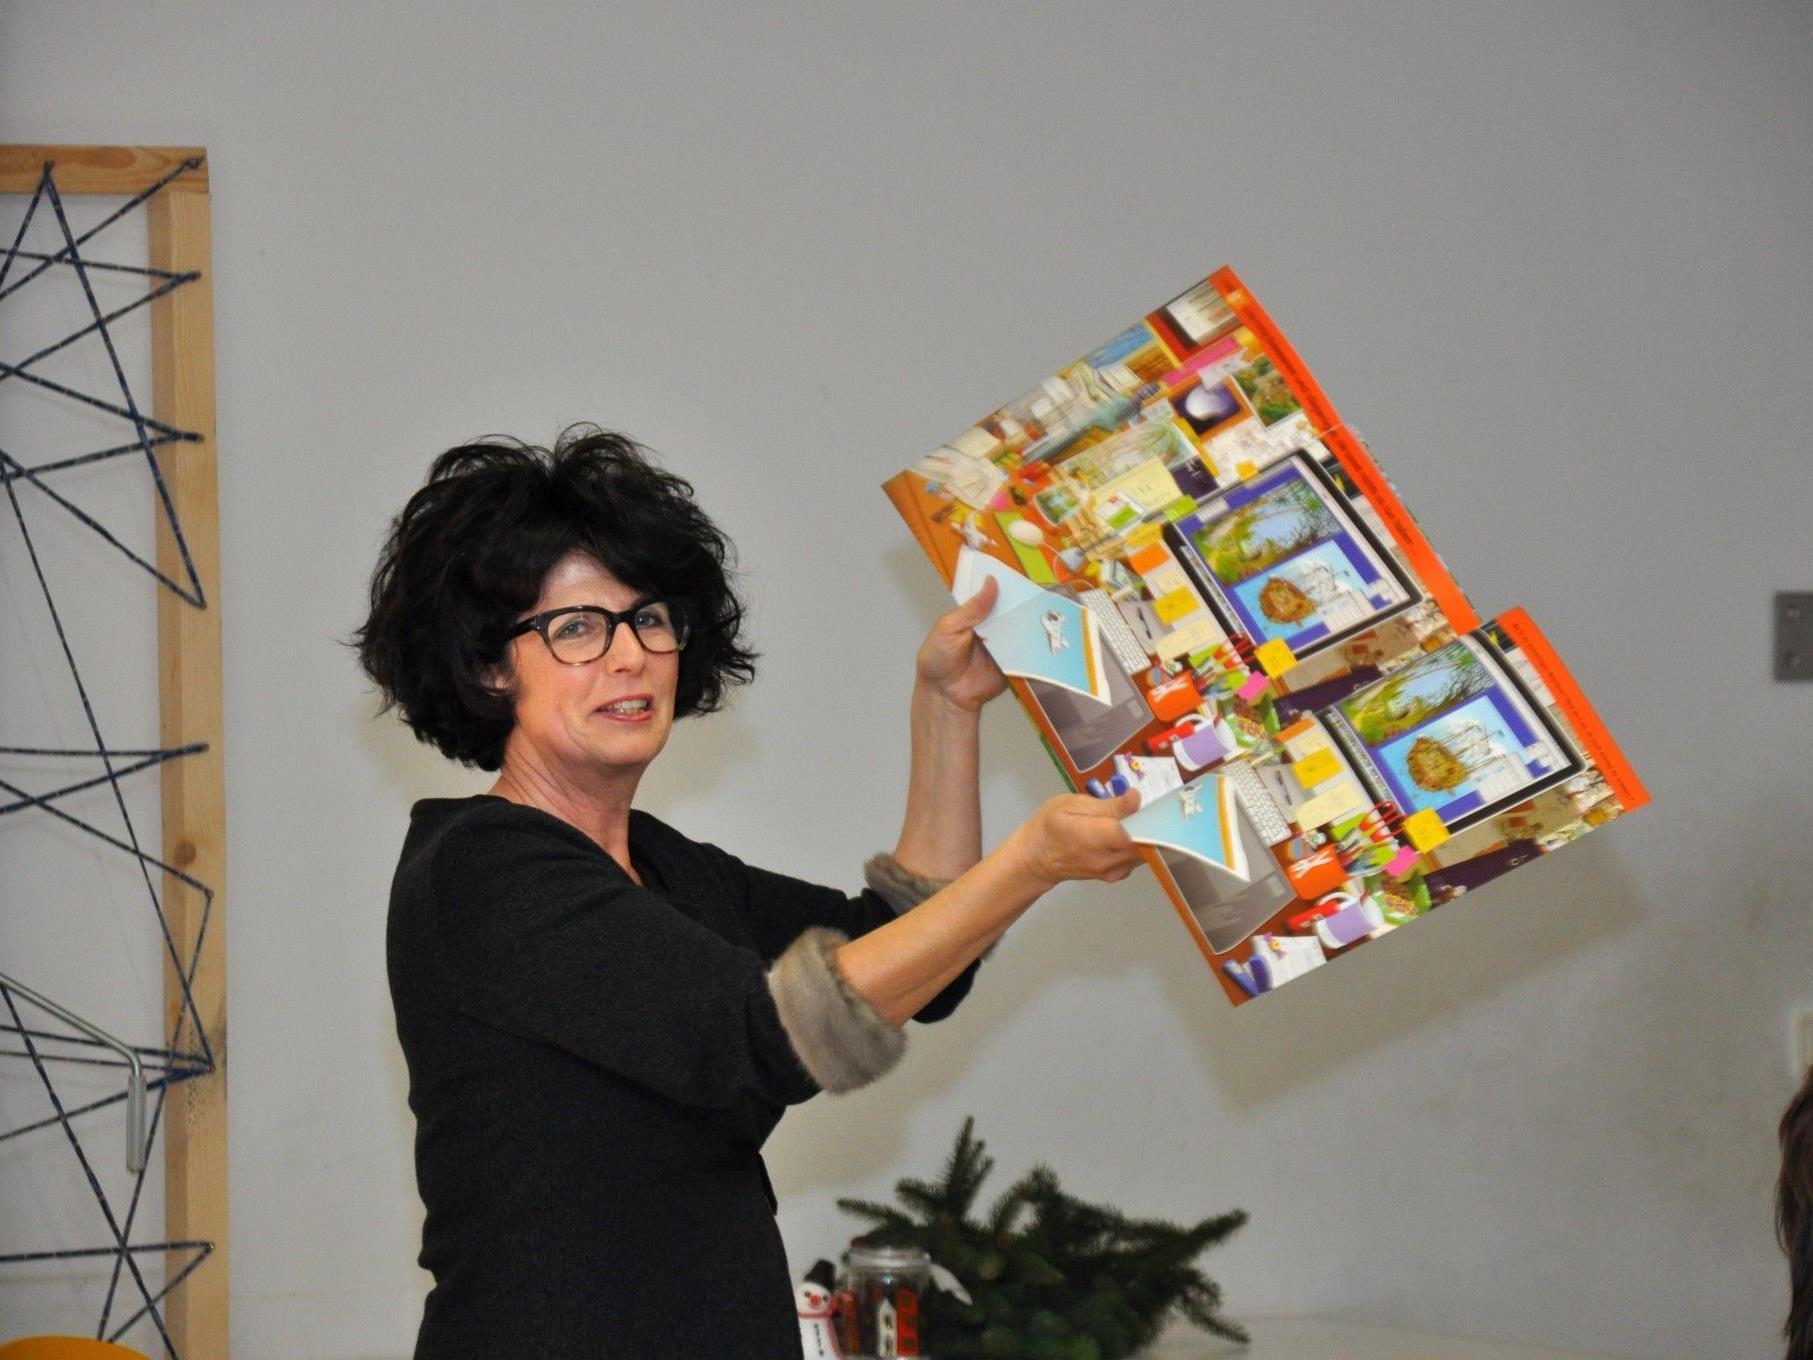 Eva Maria Volgger möchte Kinder mit der Leidenschaft für Bücher anstecken.